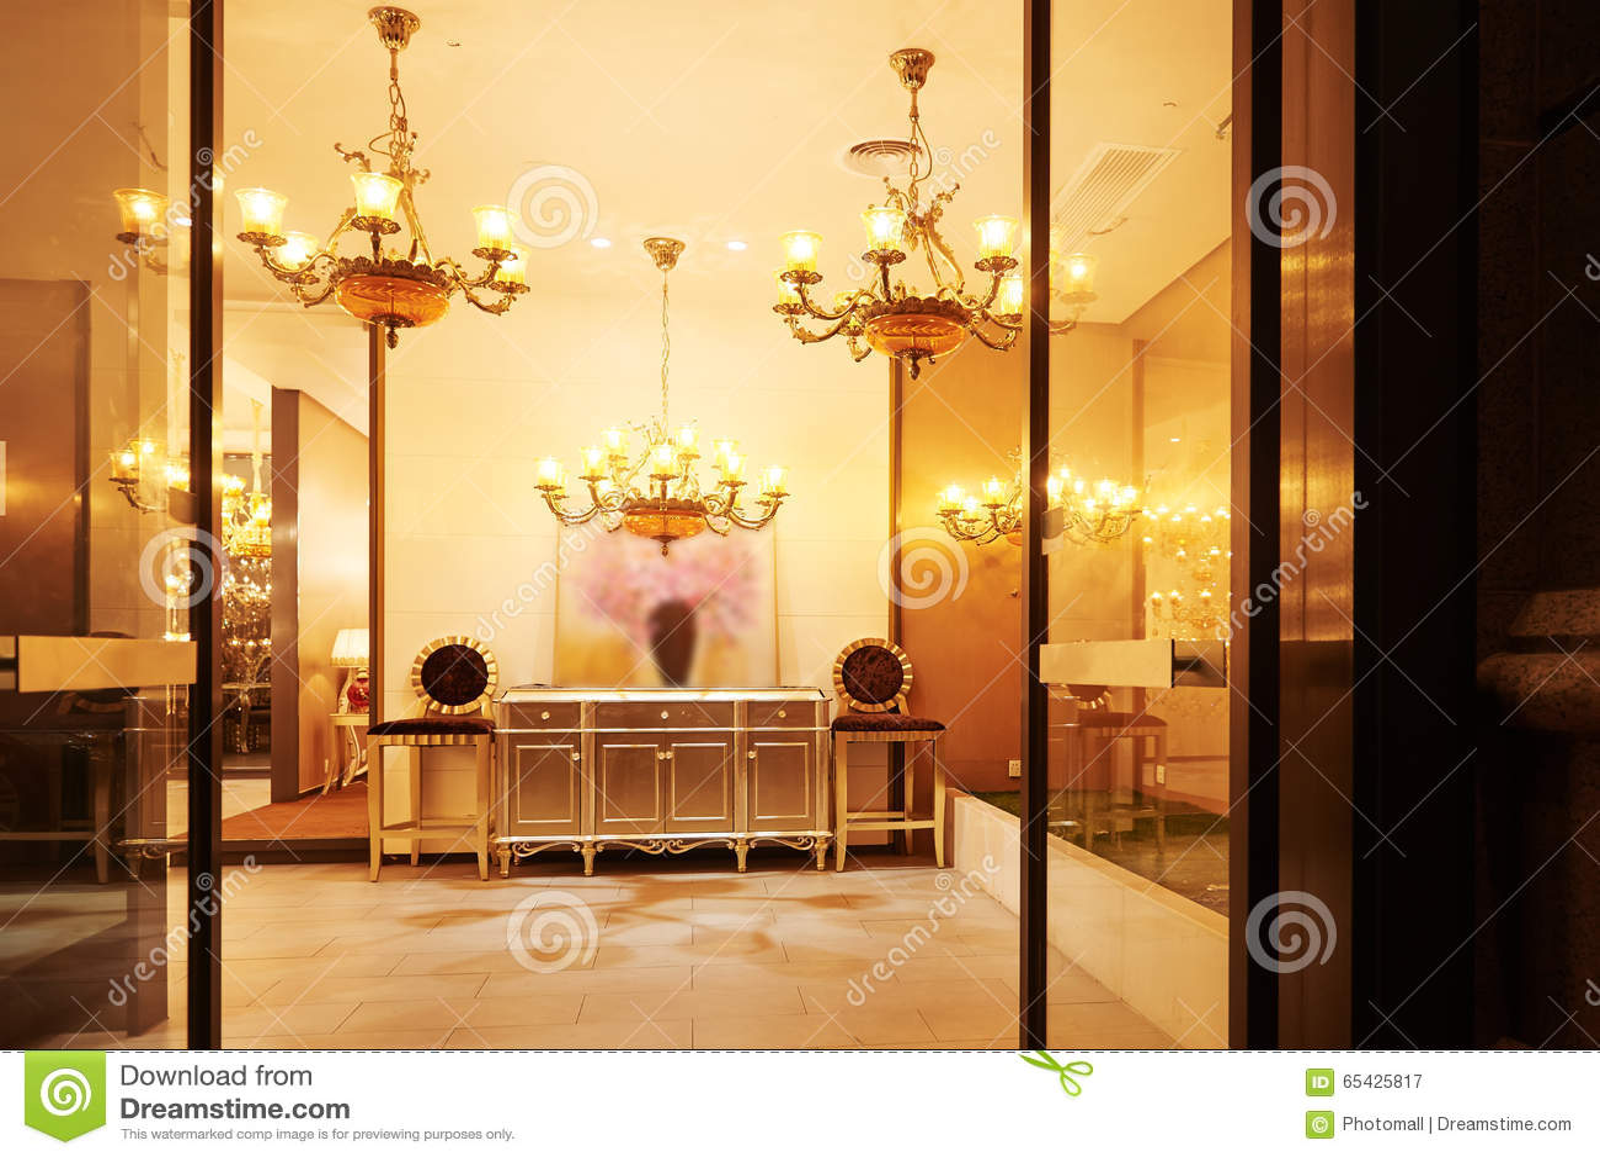 Living room led home lighting